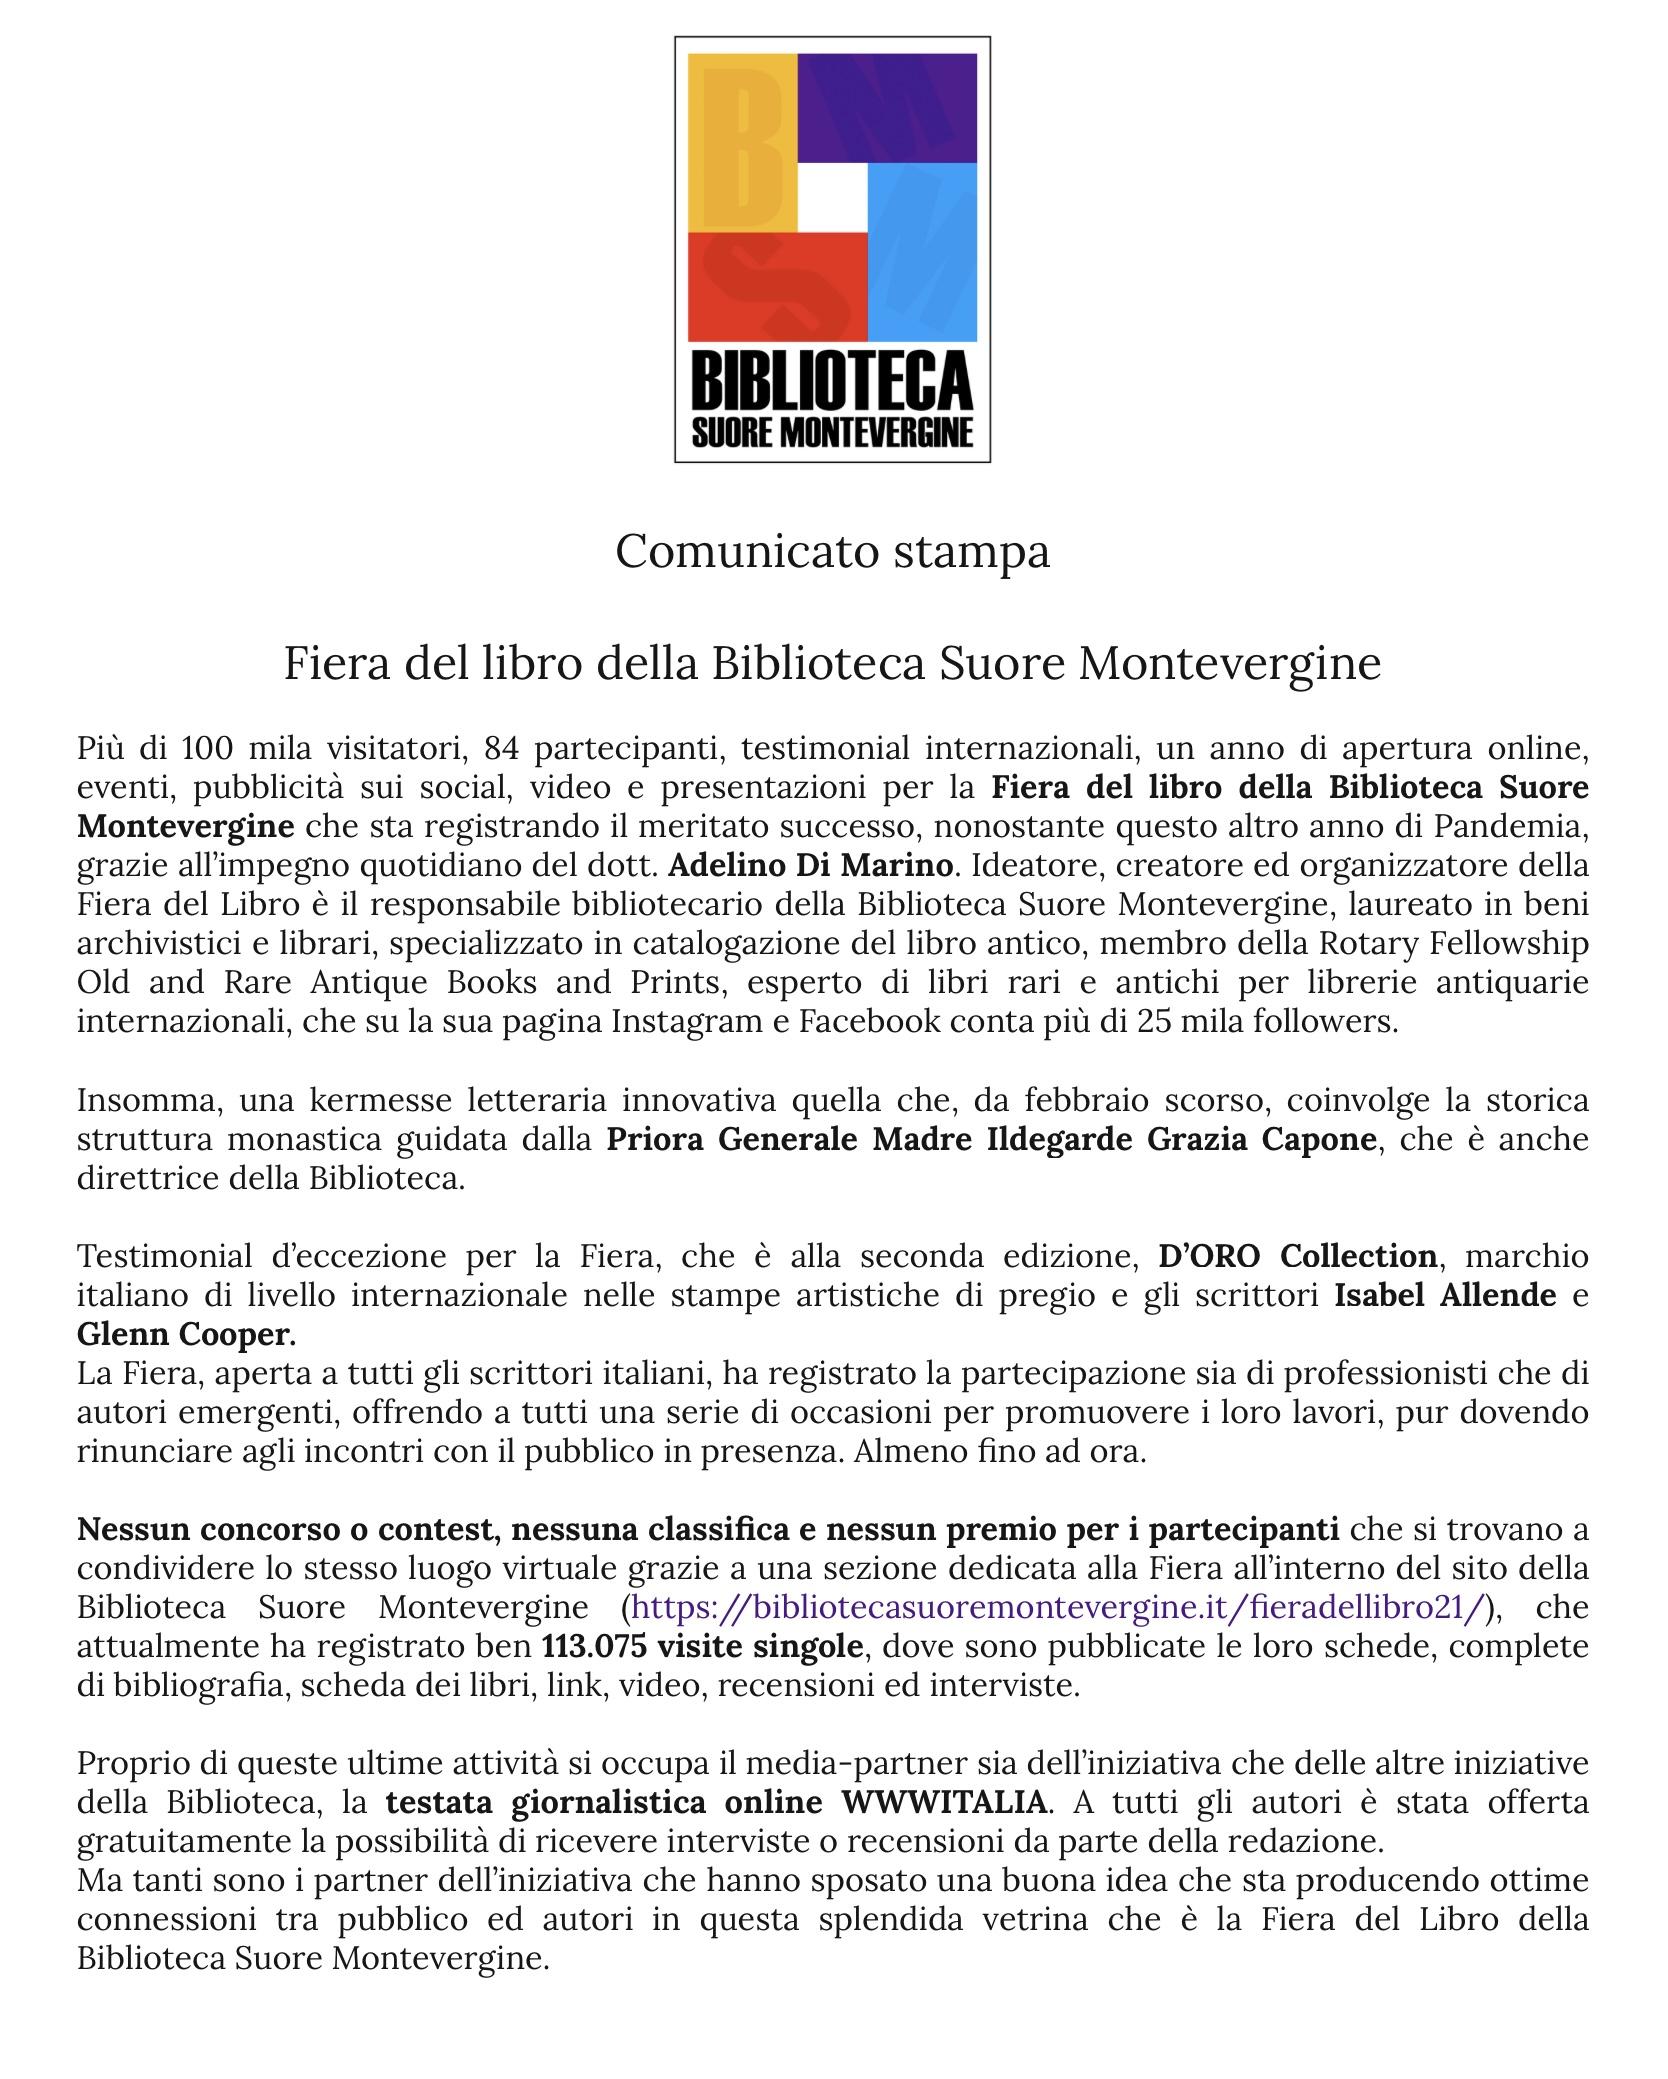 Comunicato stampa Fiera del Libro Biblioteca Suore Montevergine